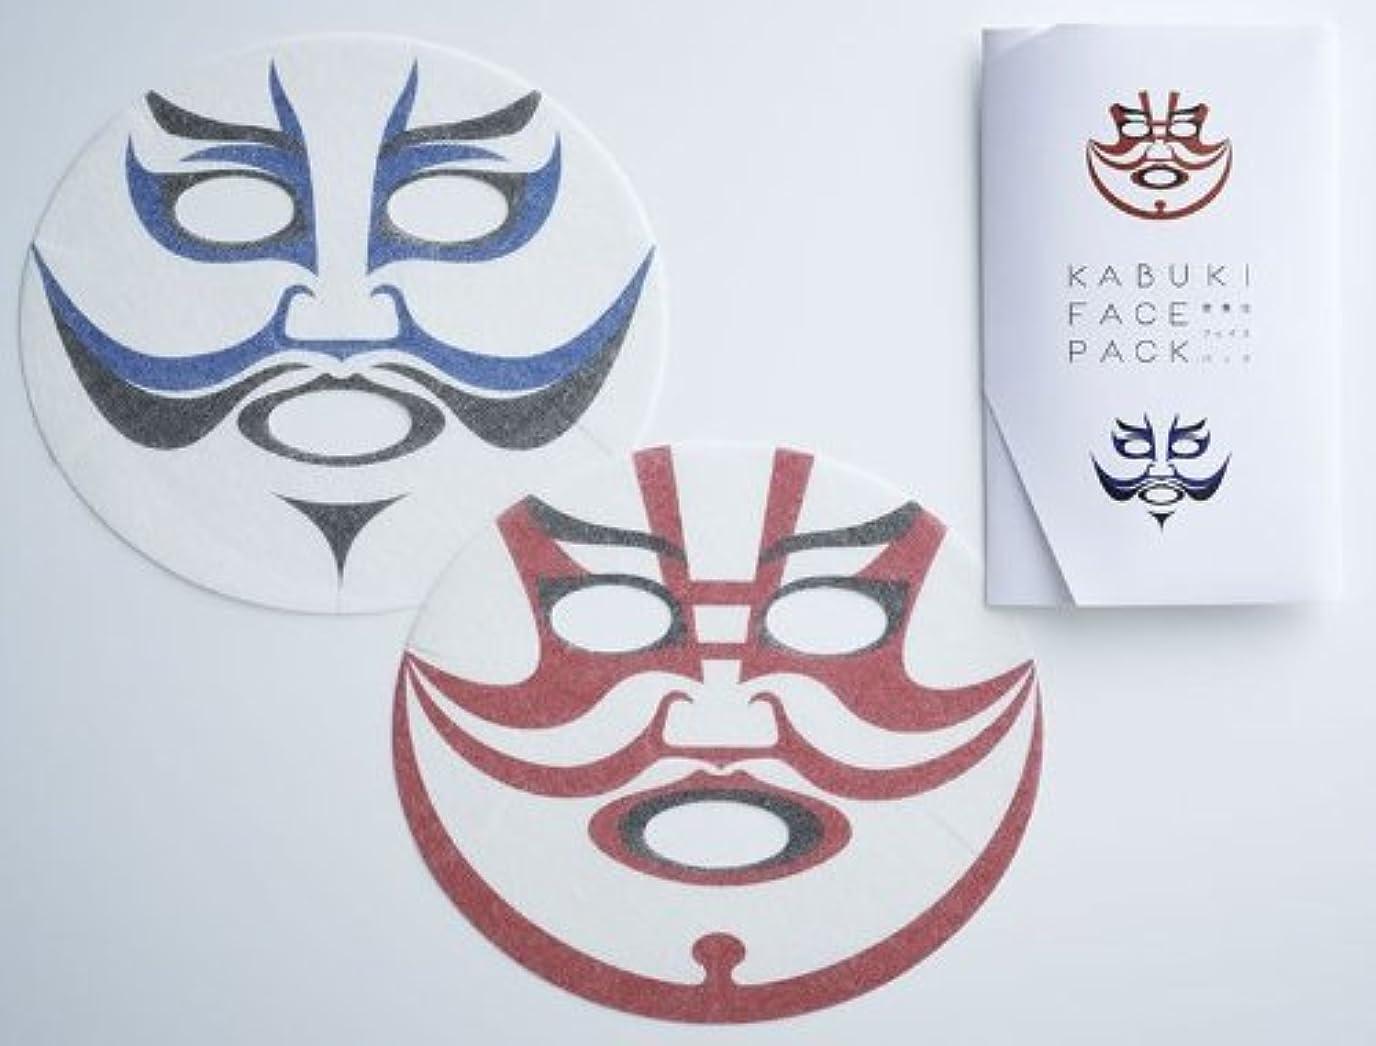 文明化するさわやか葉歌舞伎フェイスパック KABUKI FACE PACK